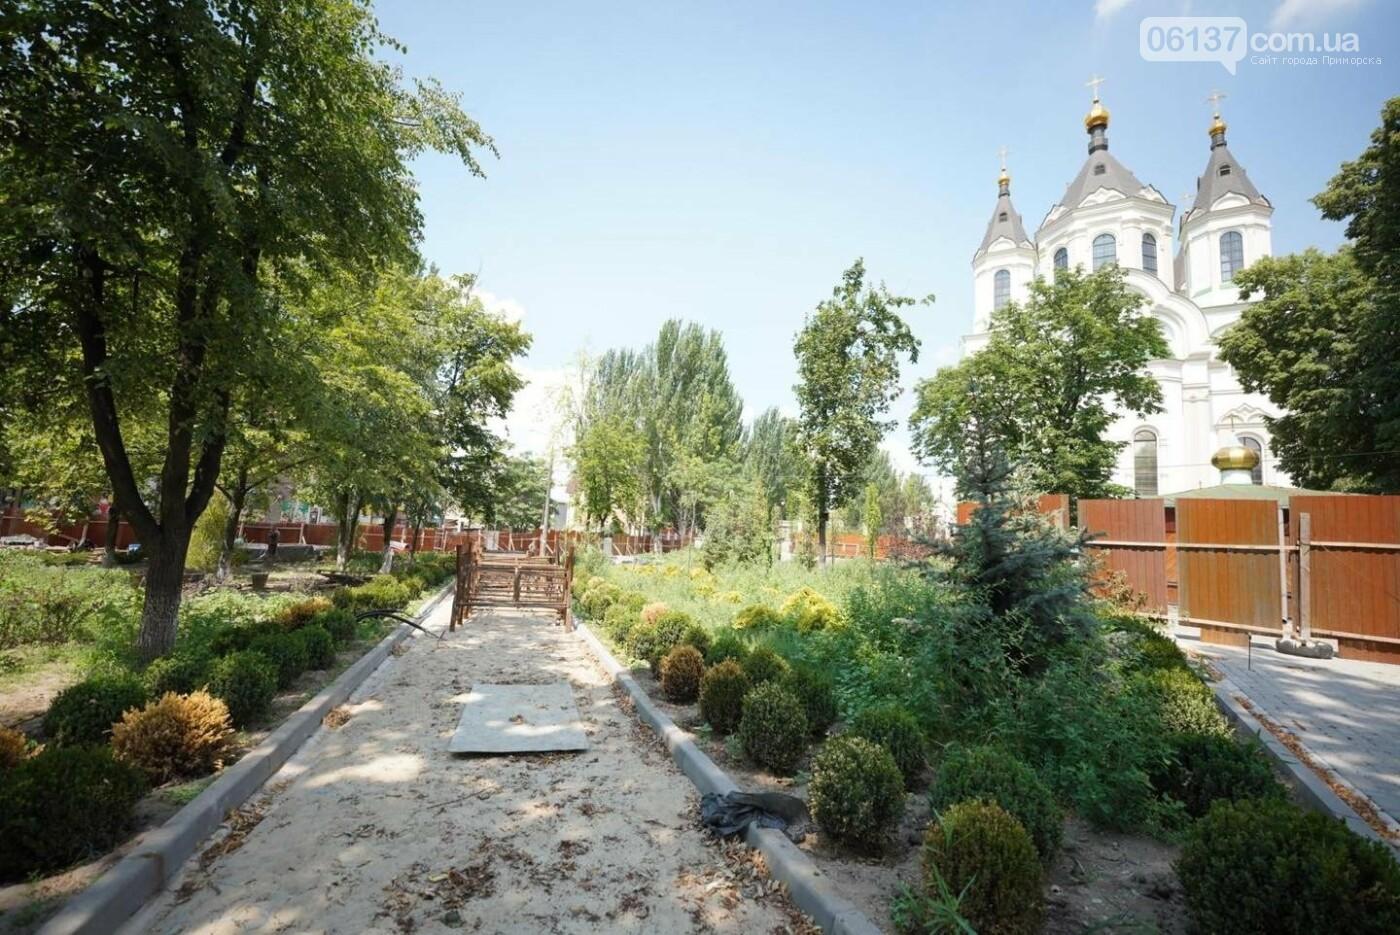 Завершается реконструкция запорожского сквера Пионеров, готовится новая скульптура. Фото, фото-4